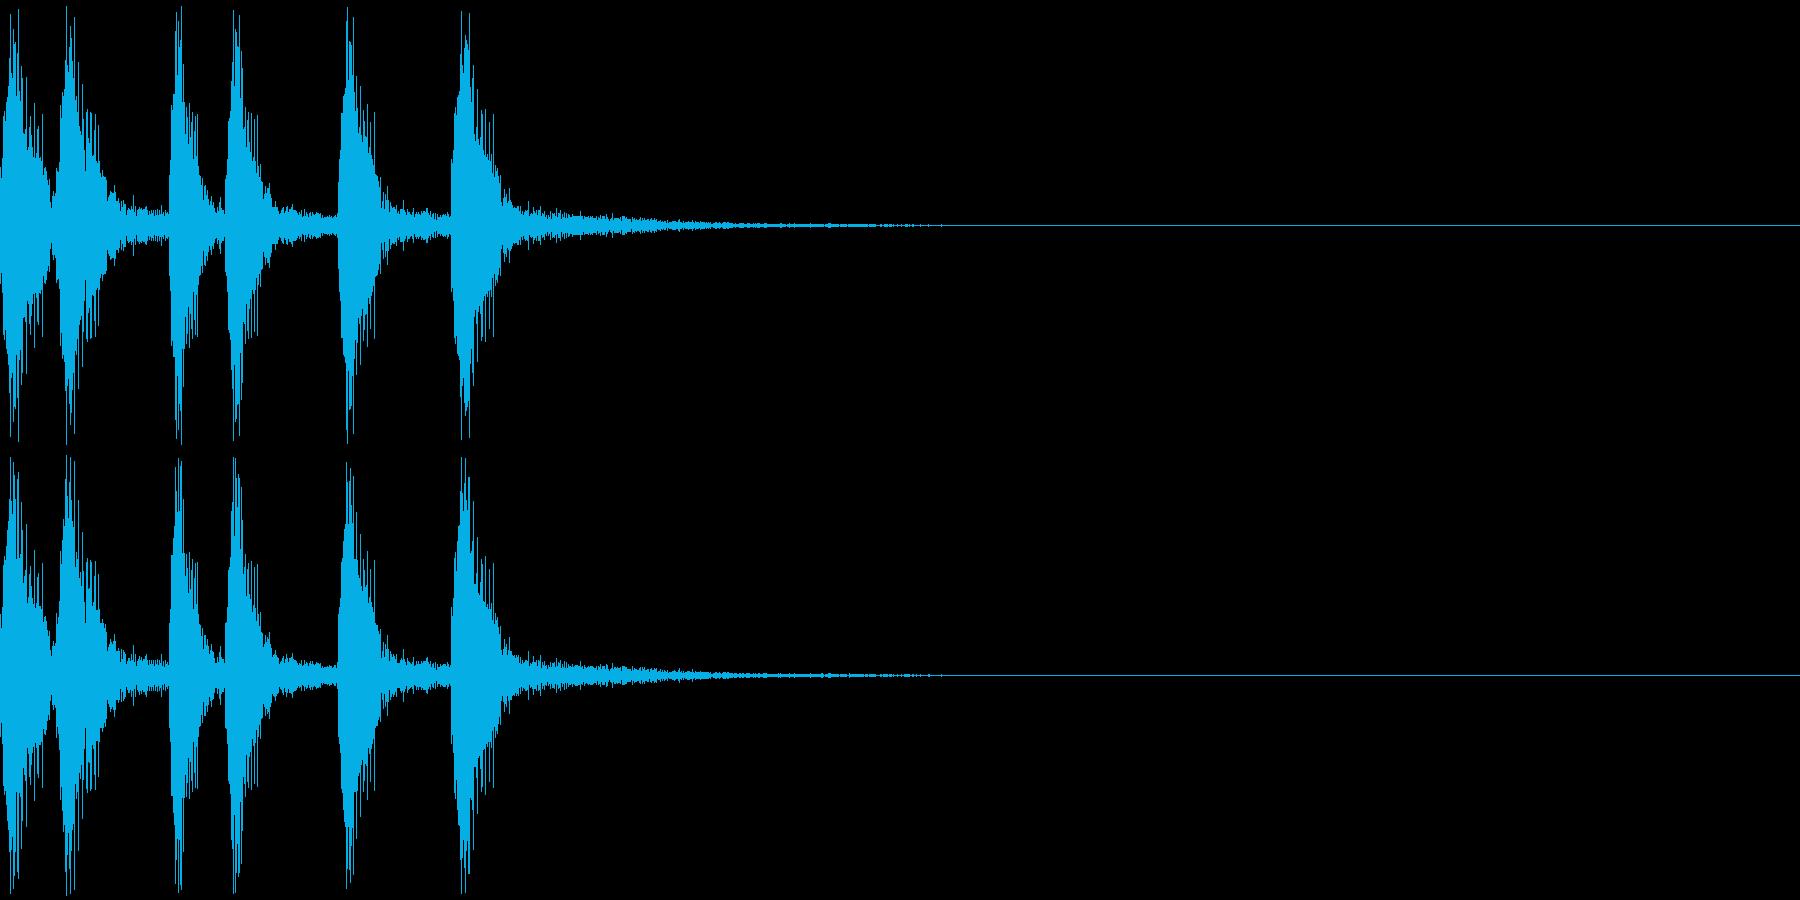 シンプルなジングルその2の再生済みの波形